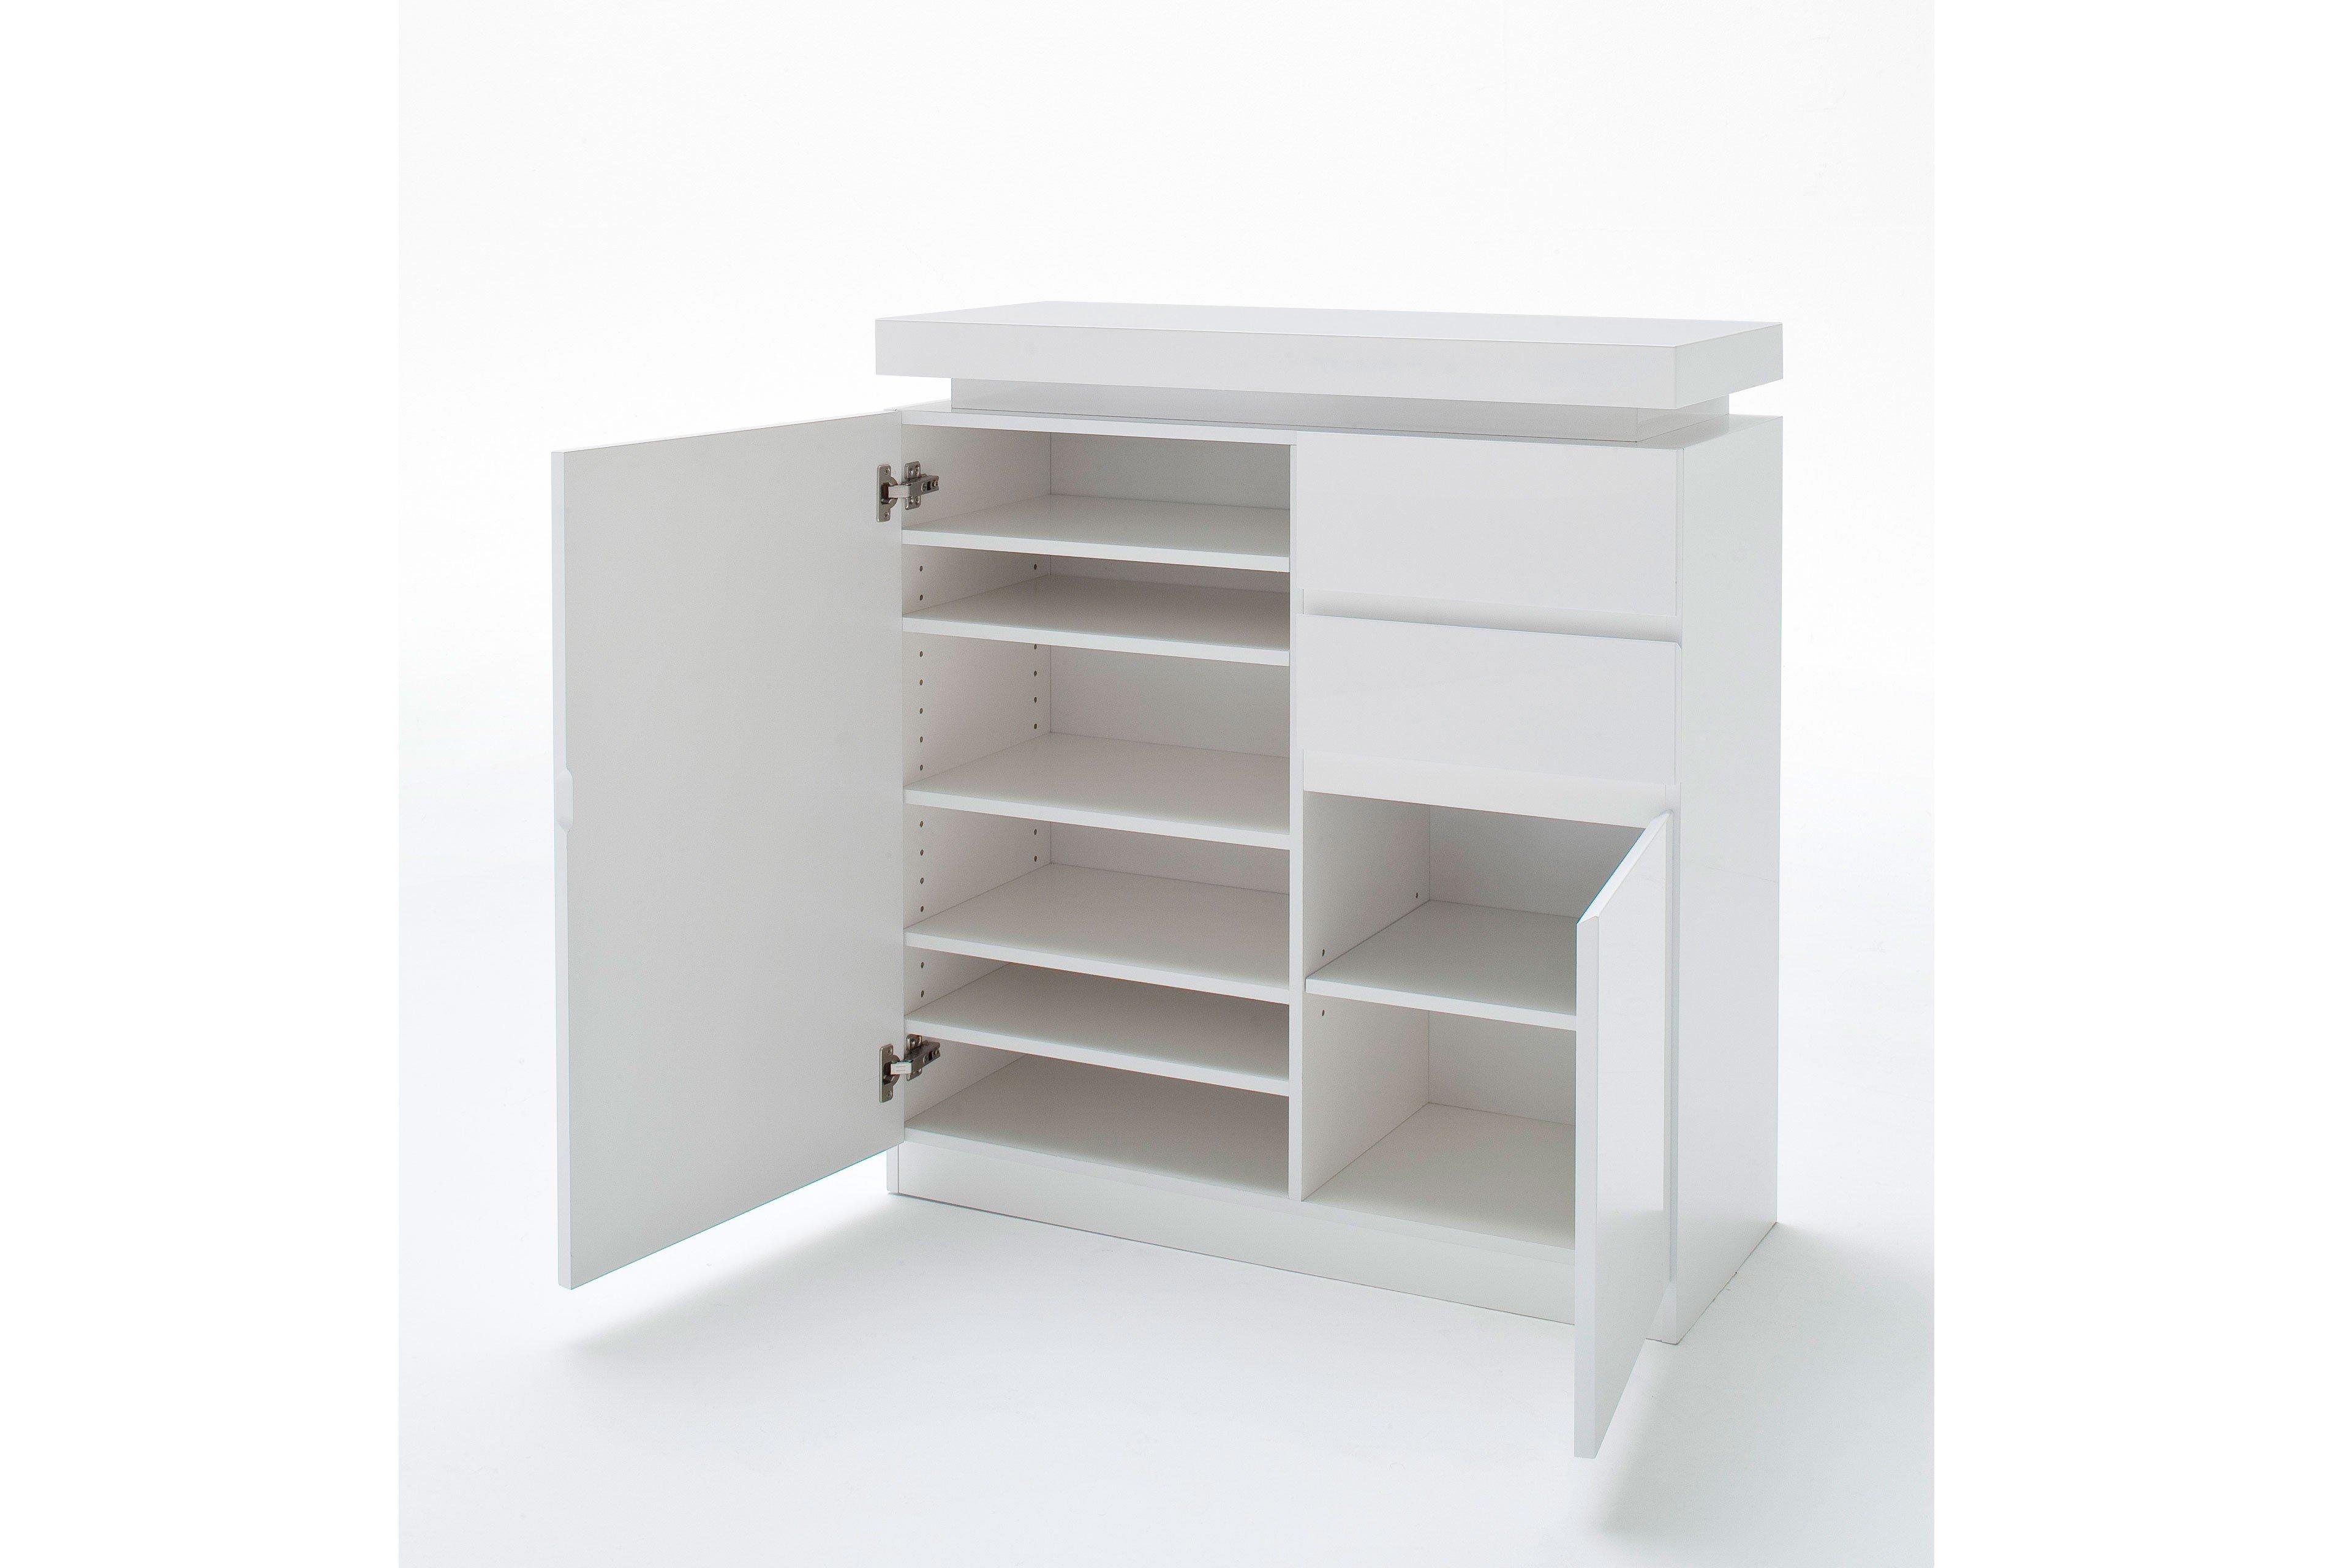 Sehr Garderobe Jarid Hochglanz Lack weiß - MCA furniture. Möbel Letz AU41